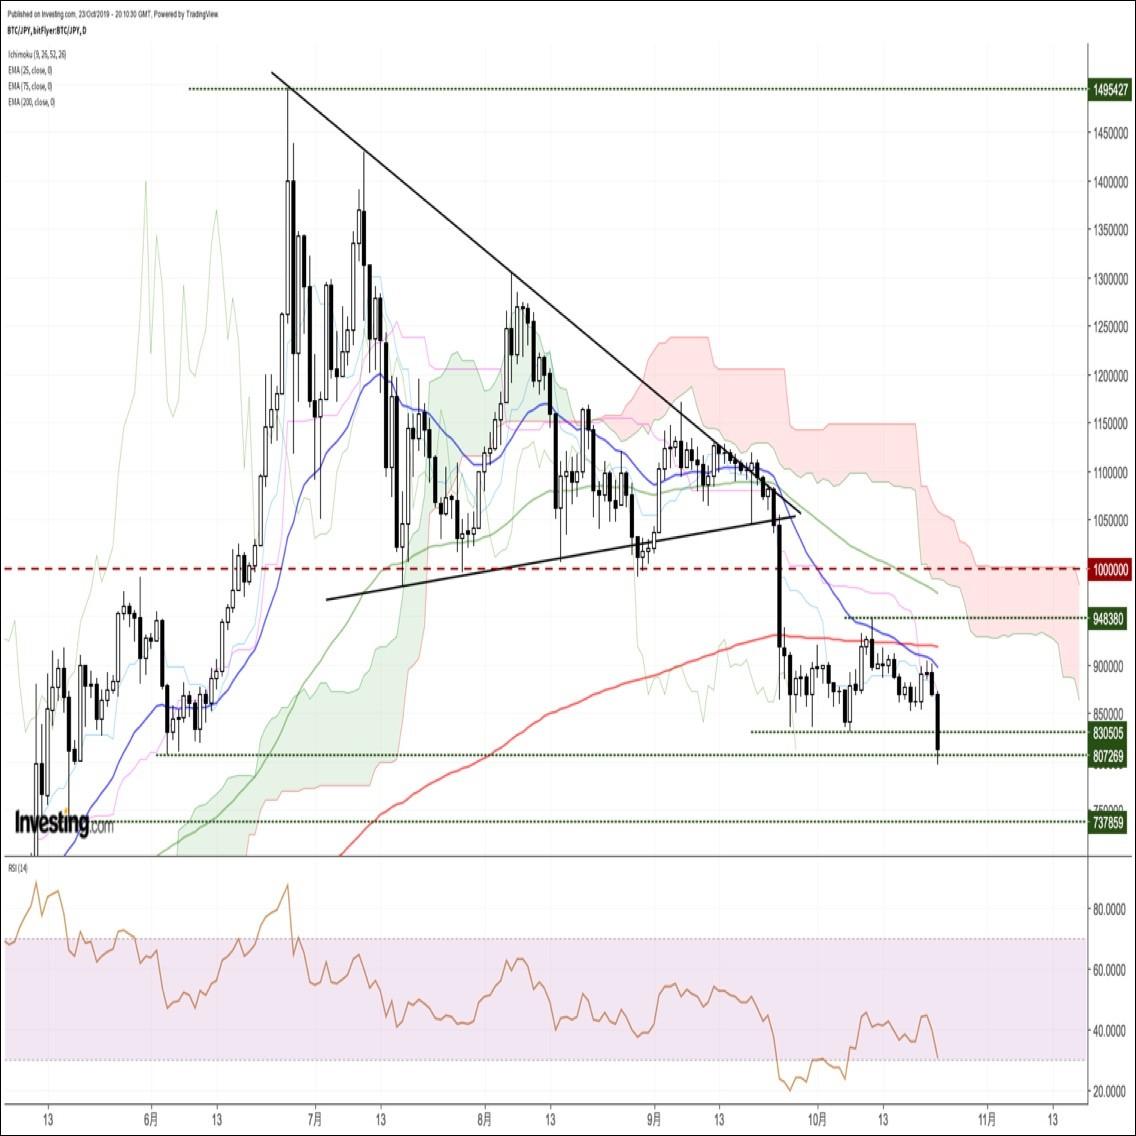 ビットコイン円、約5ヶ月ぶり安値圏へと急反落。ガンマショートに要警戒(10/24朝)